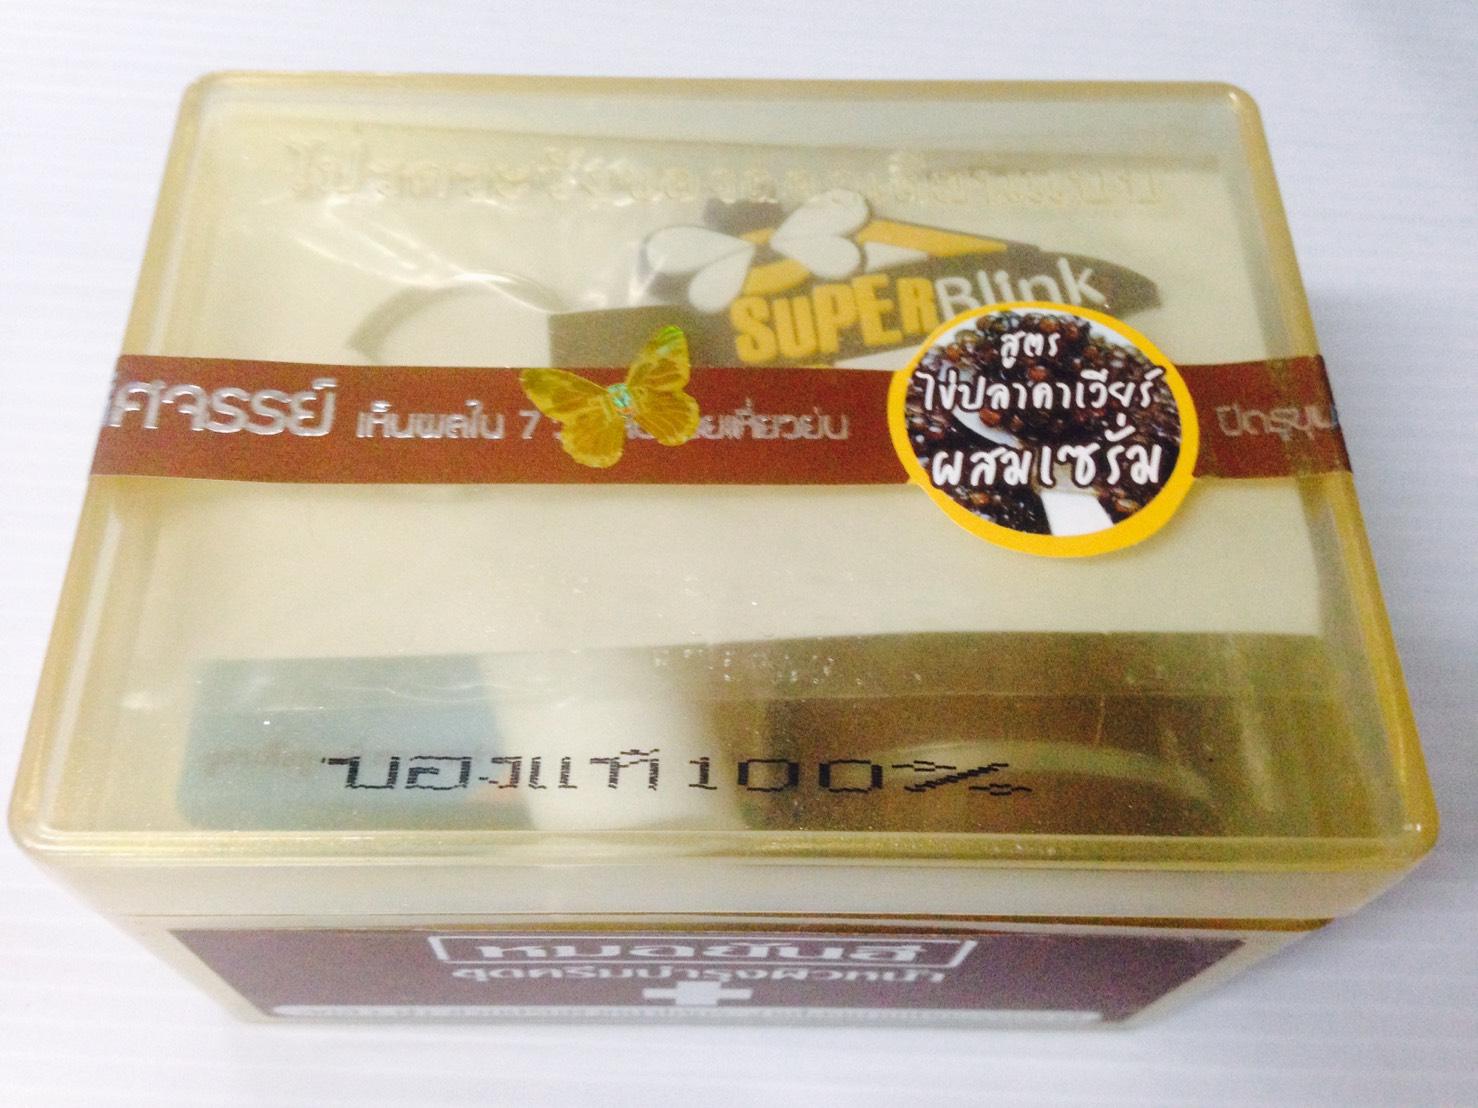 ครีมหมอยันฮี สูตรไข่ปลาคาเวียร์ผสมเซรั่ม (สีทอง)(1กล่อง)